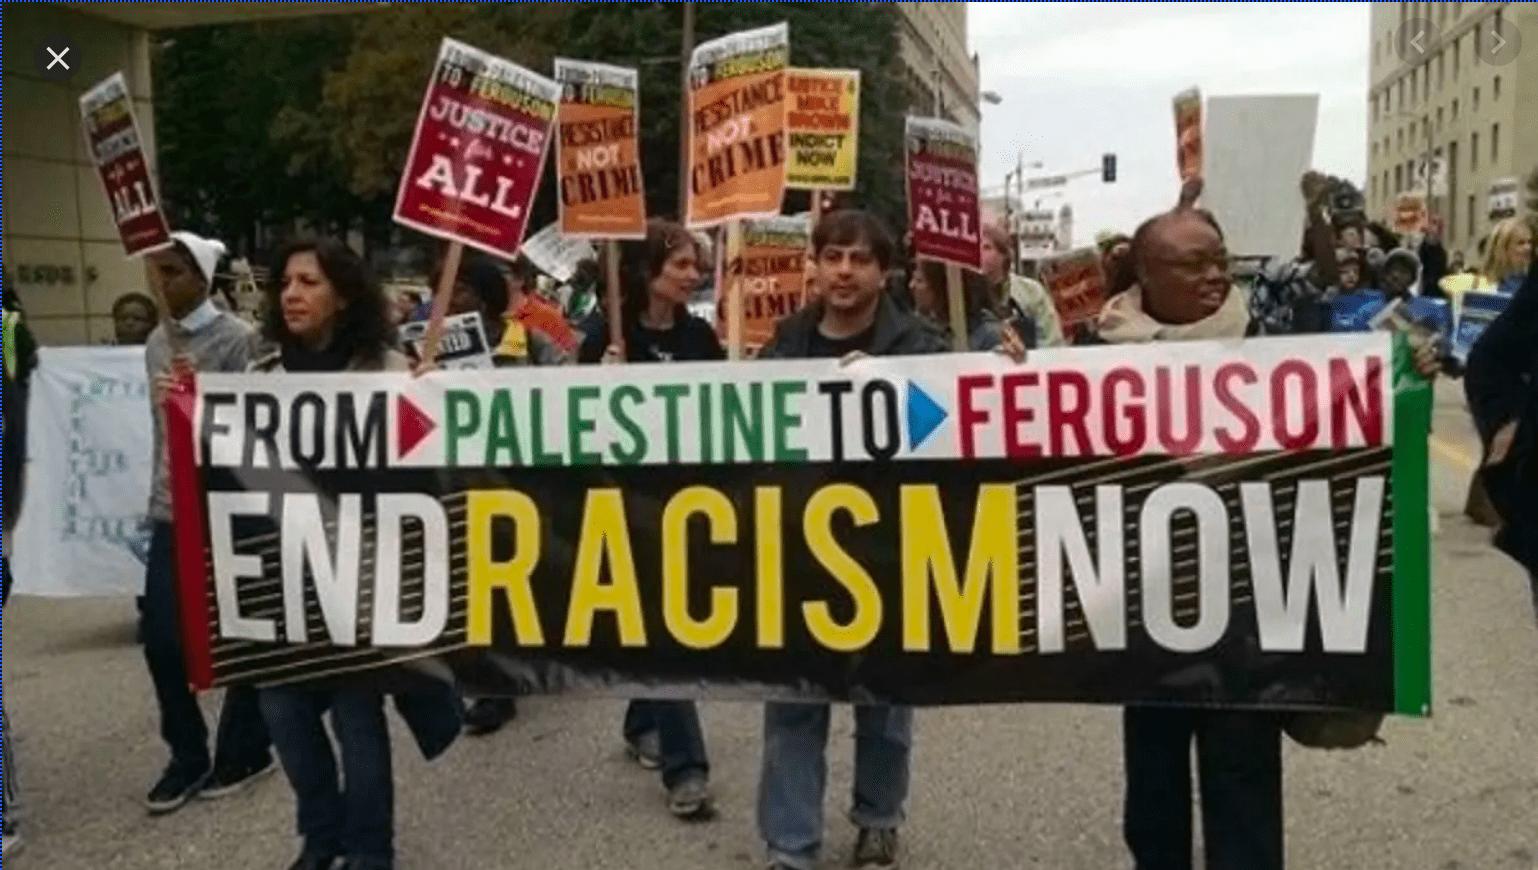 Ninguna difamación tramposa impedirá que sigamos luchando por los Derechos Humanos palestinos